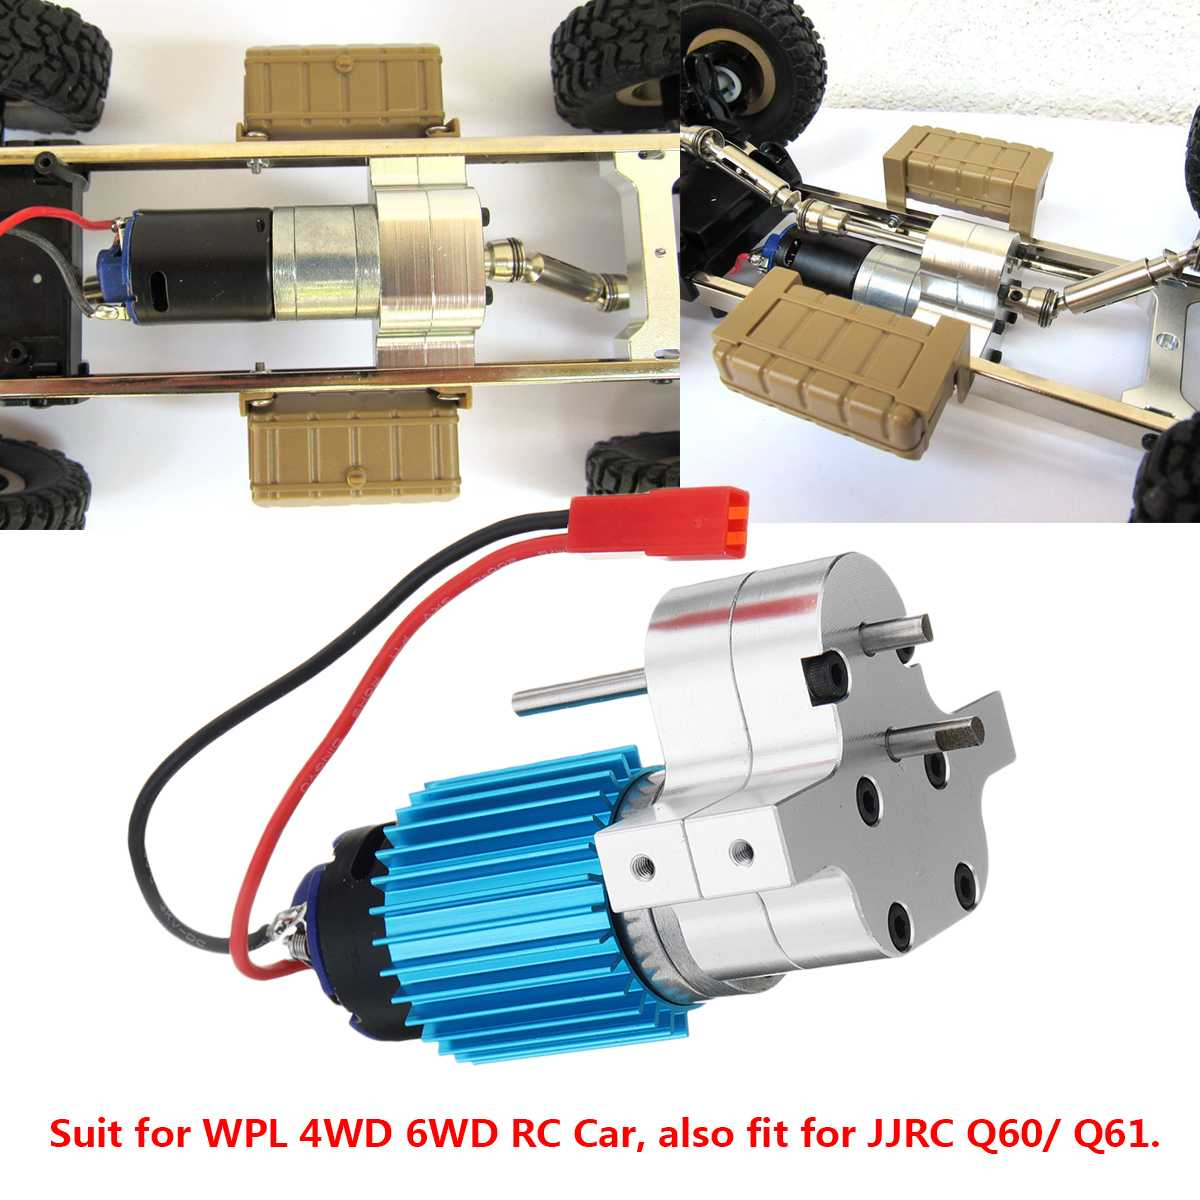 Para WPL C14 C24 4WD 6WD RC coche para JJRC Q60/Q61 reemplazar velocidad caja de engranajes de actualización de repuesto partes de Control remoto partes de Metal